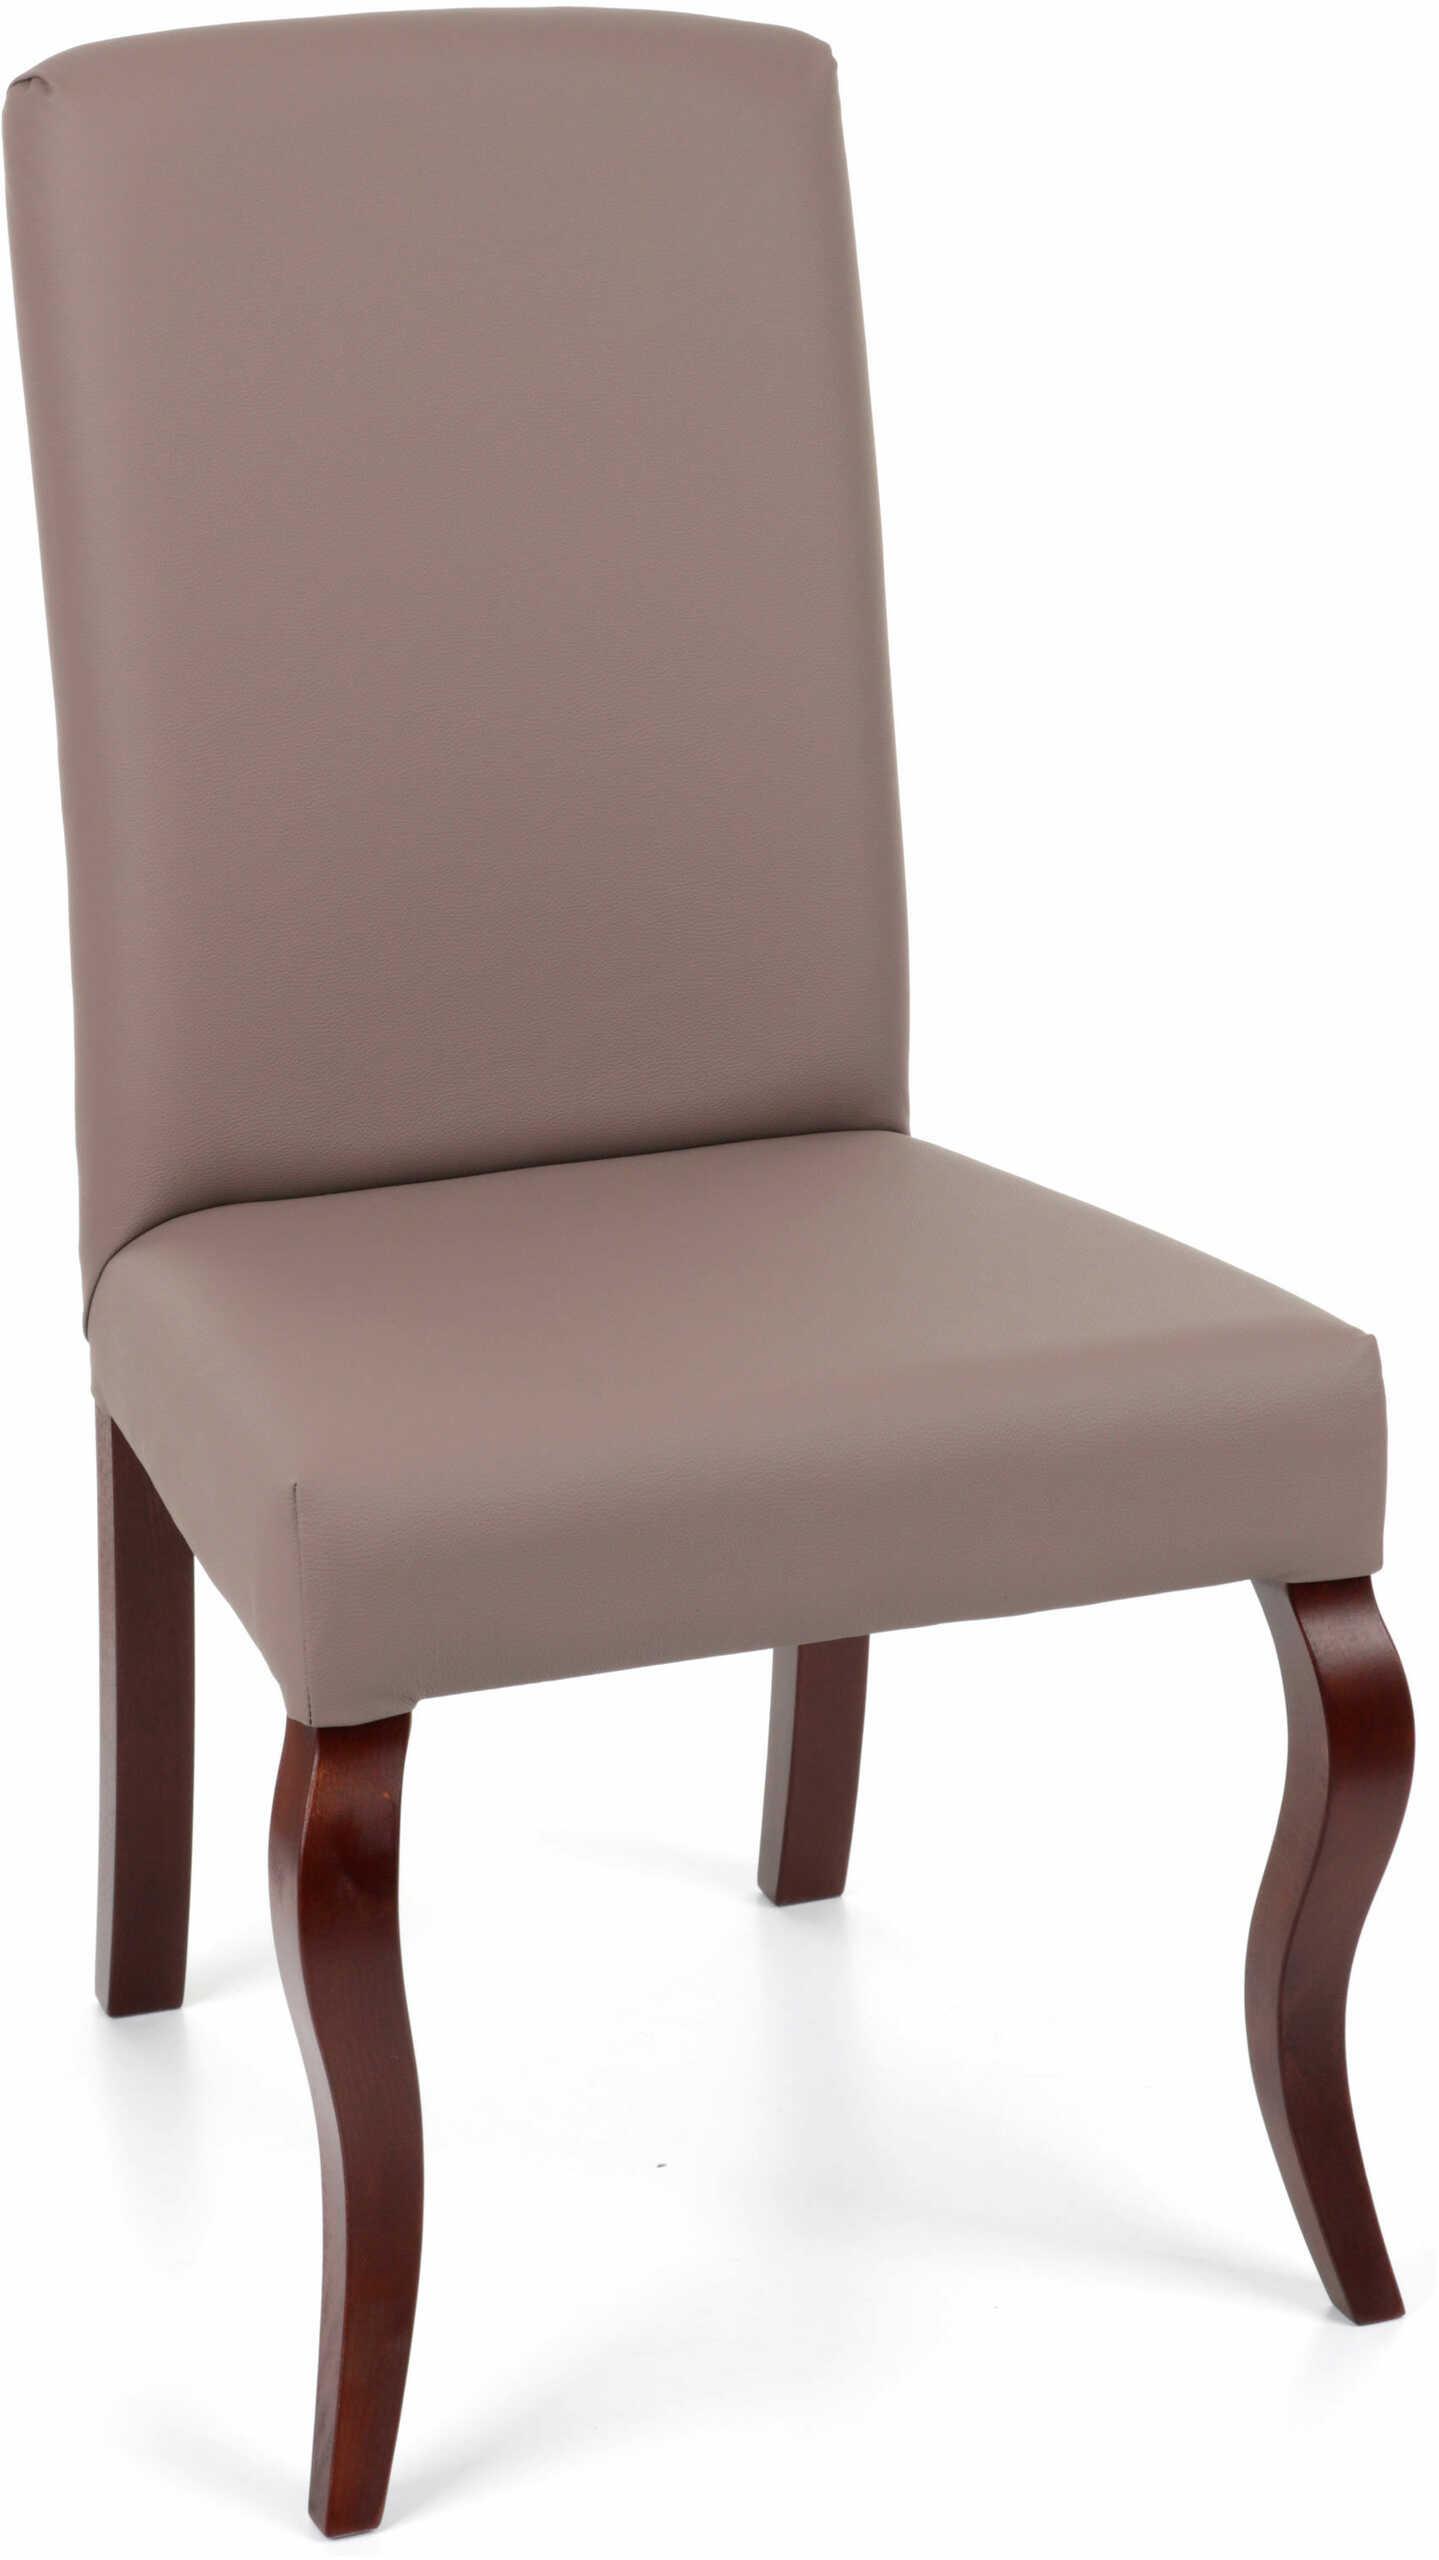 Krzesło Astoria, nogi Ludwik, wygodne, stylowe, stylizowane, tapicerowane, wysokiej jakości, do jadalni, do kawiarni, do restauracji